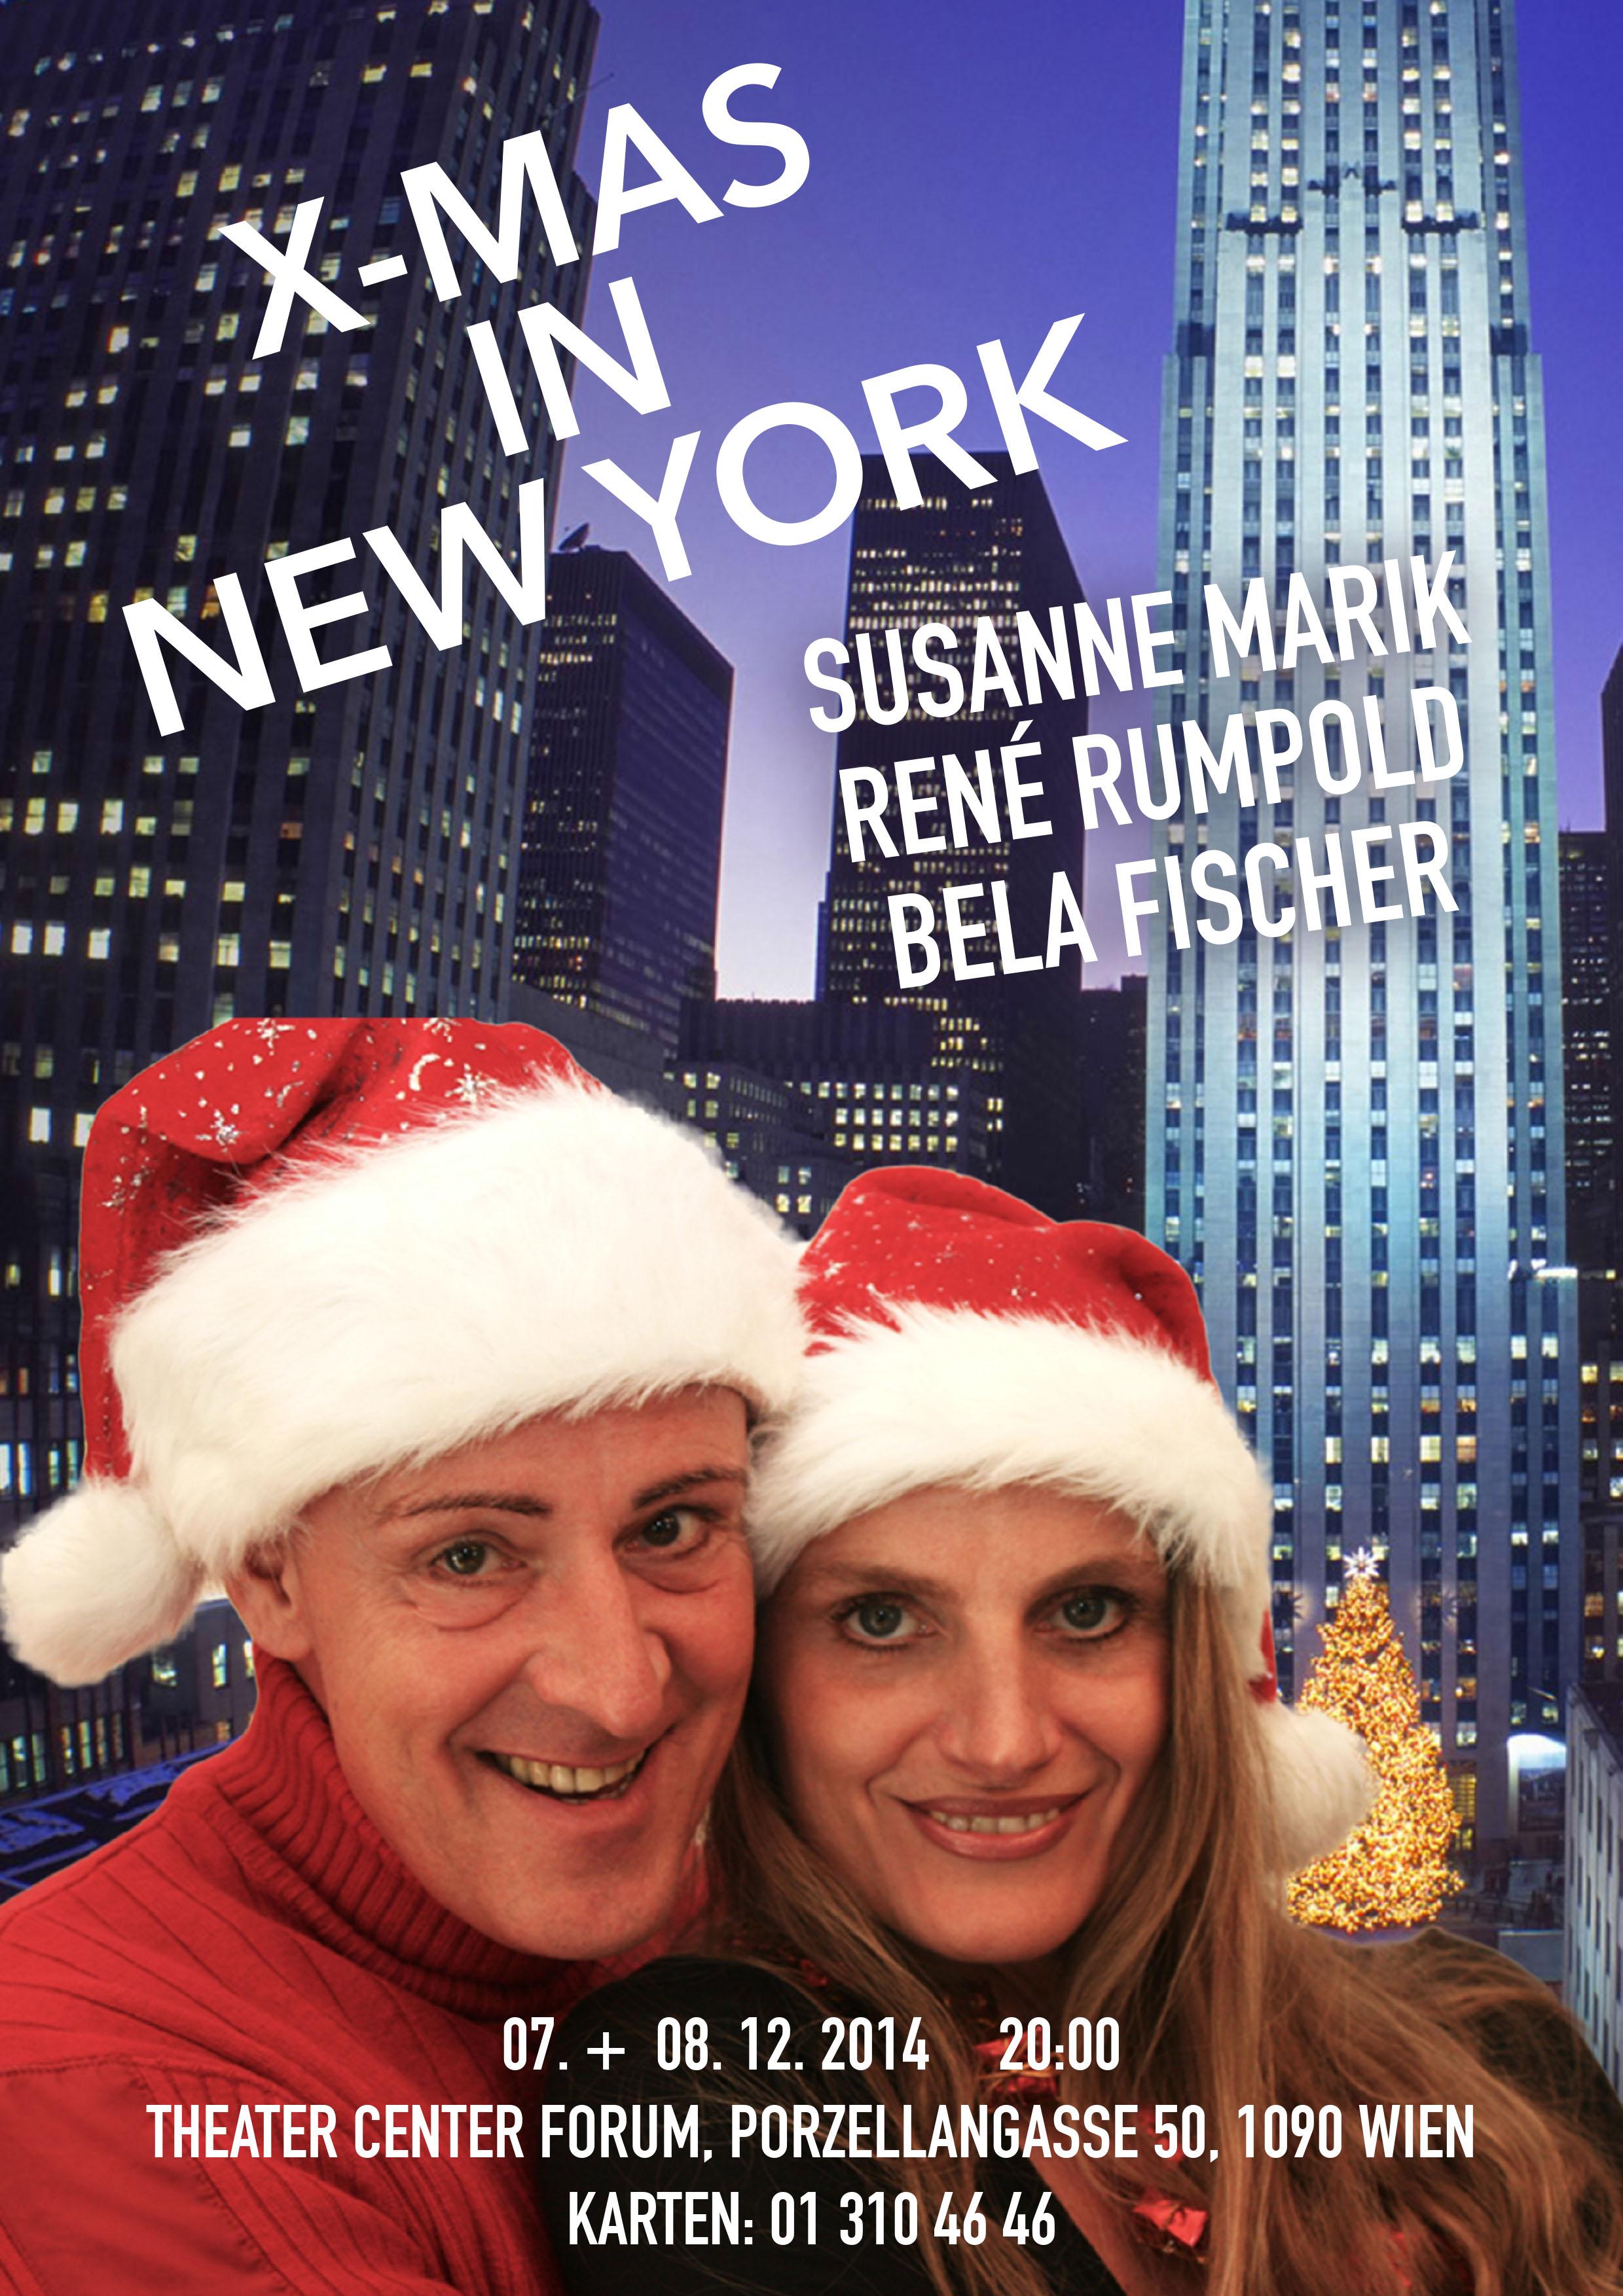 X-Mas im New York Plakat Susi Rene